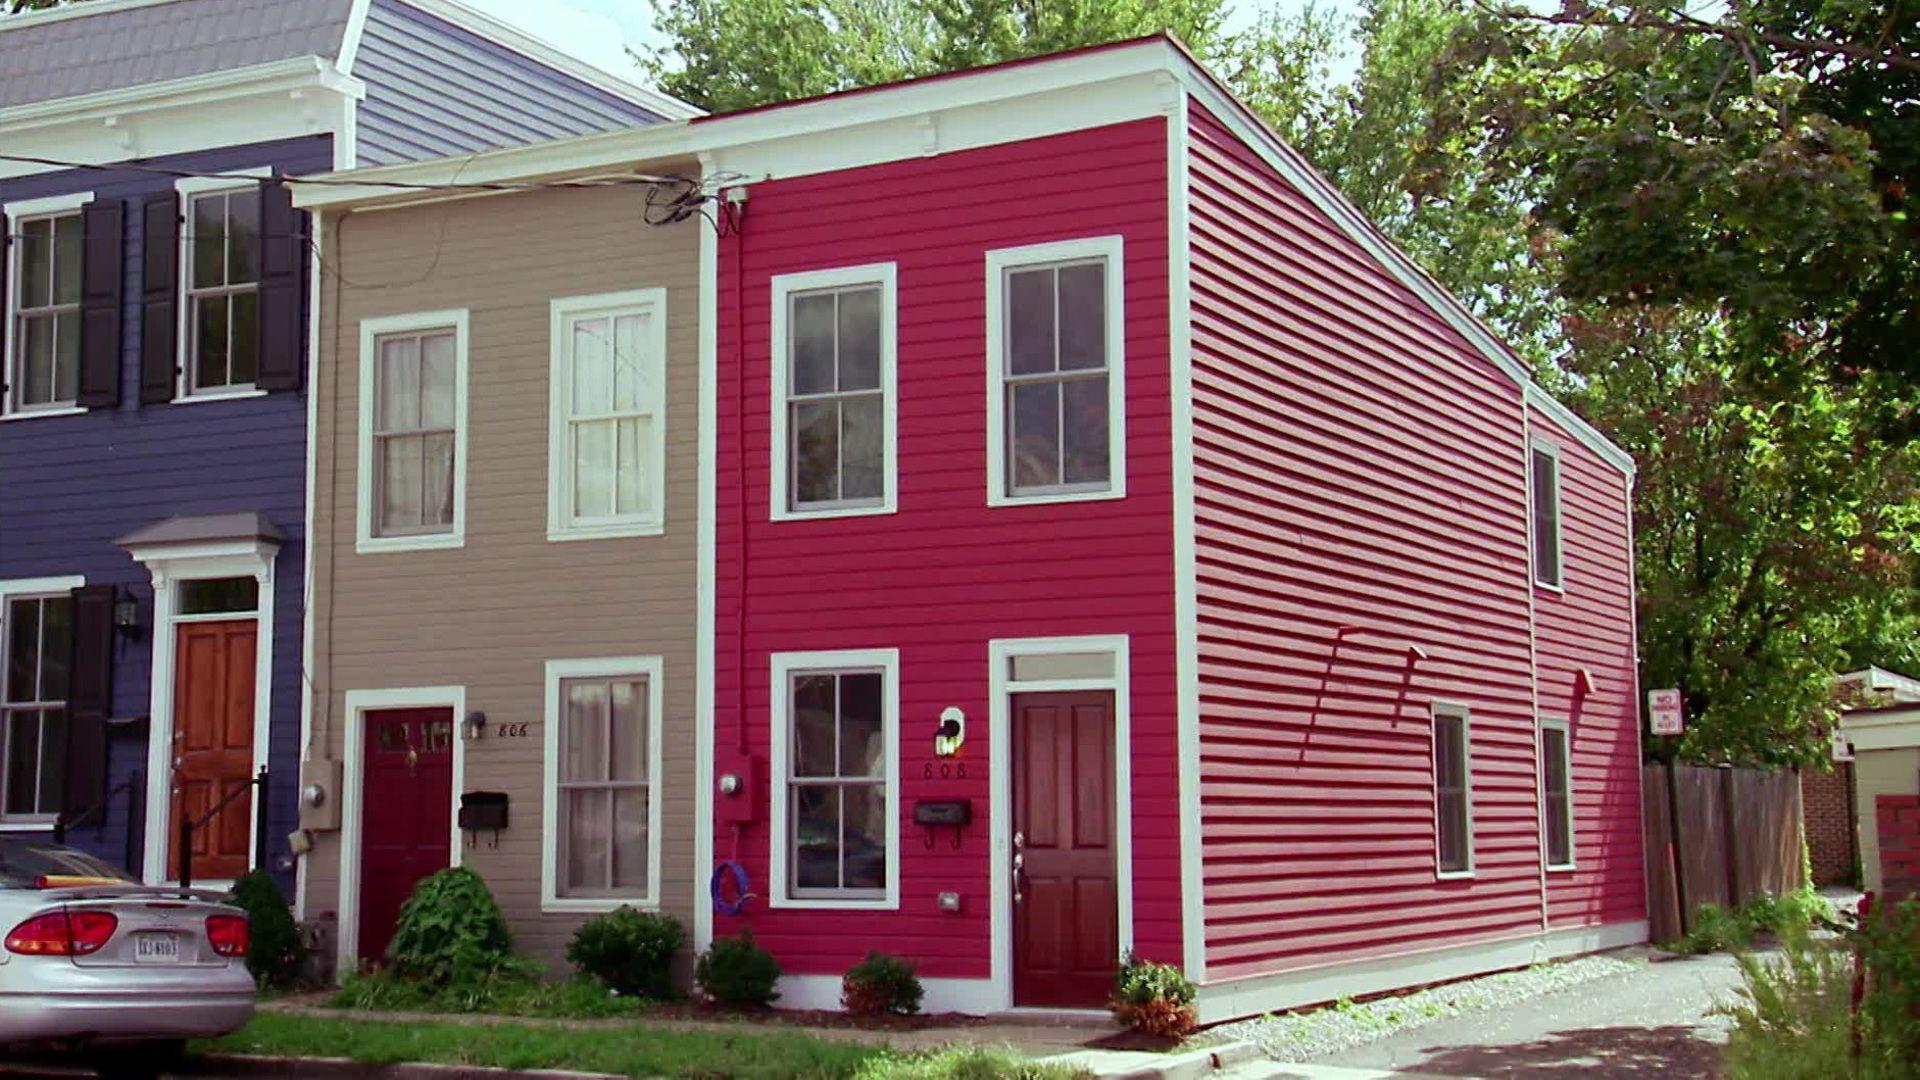 House Hunters 26 Home Tours Home decor, Warm home